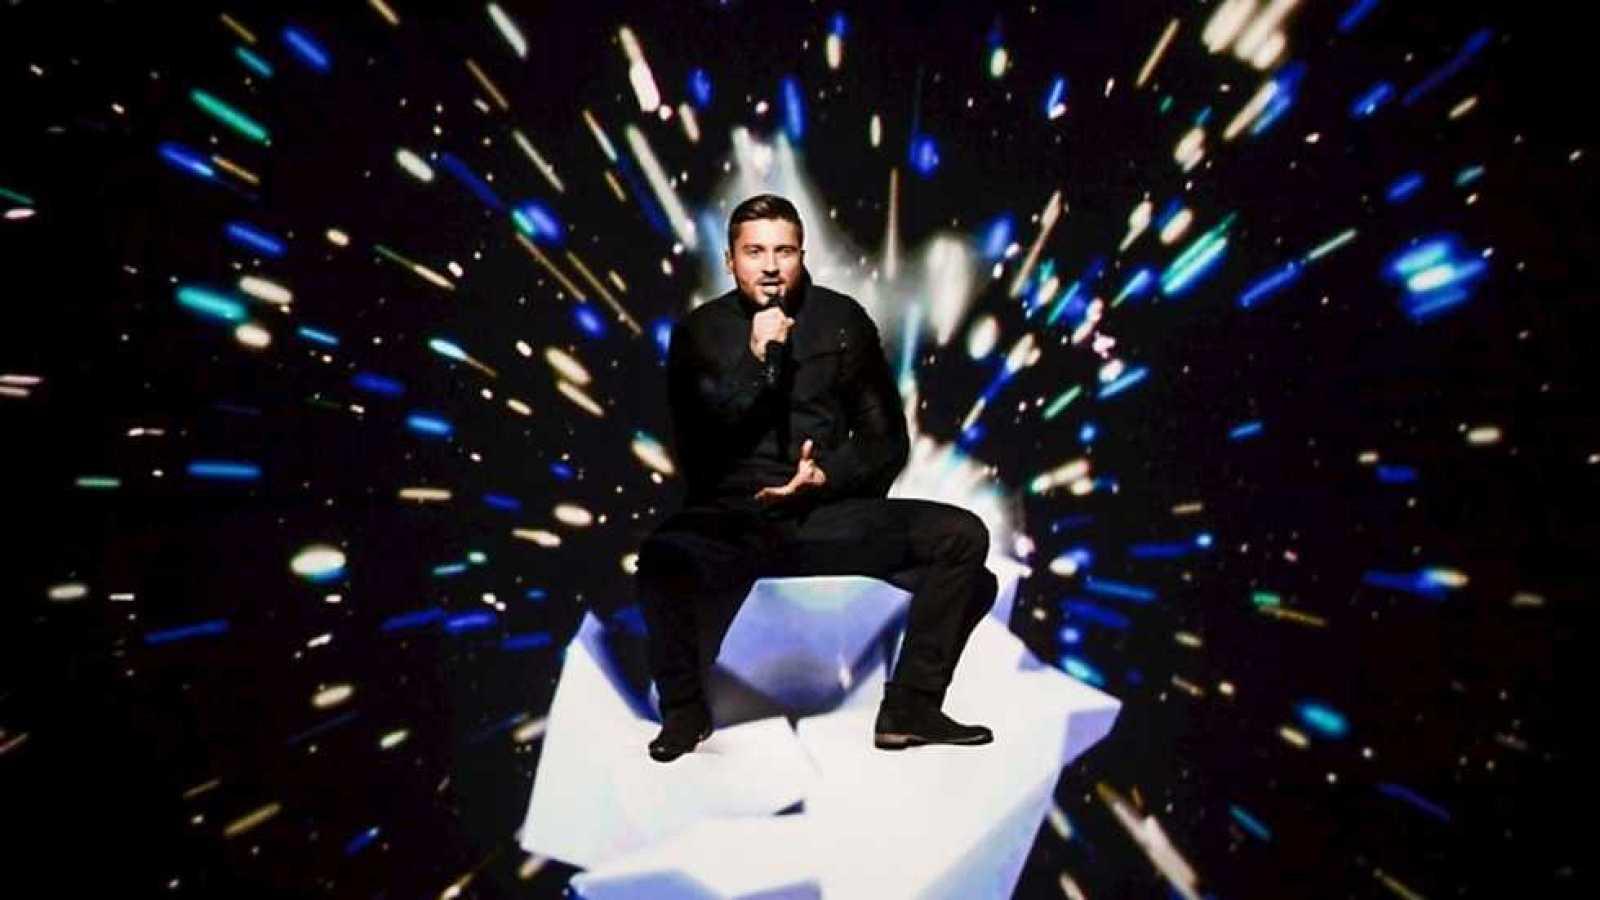 Festival De Eurovisión 2016 1 Rtvees